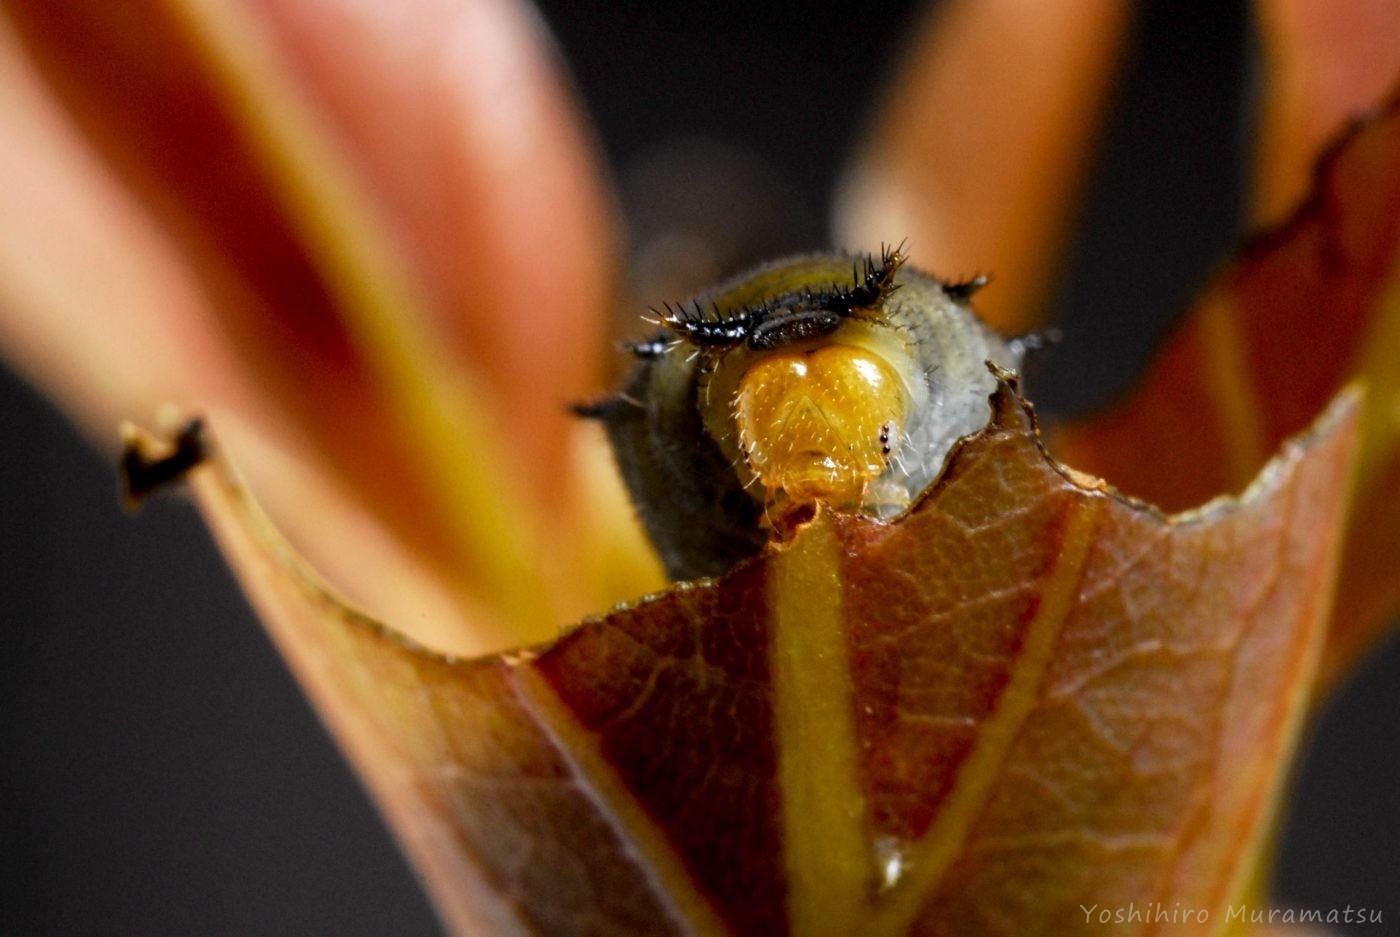 アオスジアゲハ2齢幼虫